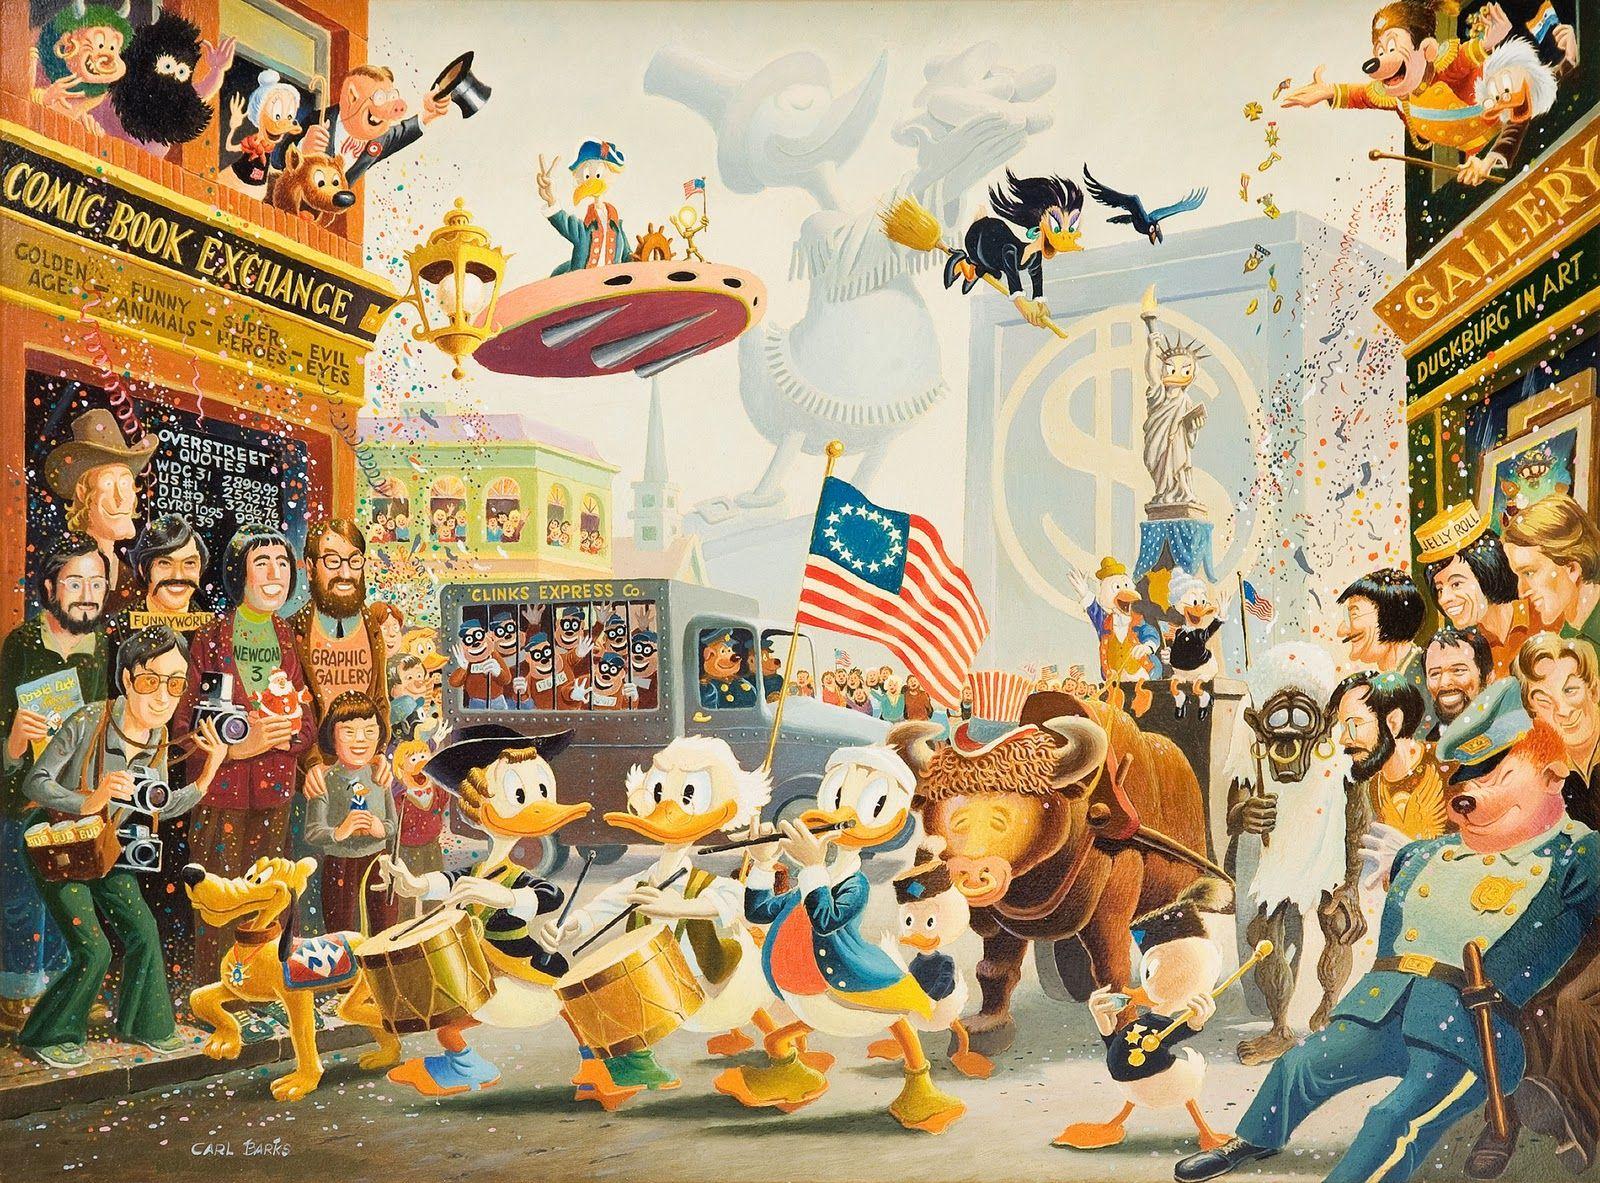 July Fourth in Duckburg by Carl Barks, 1976.